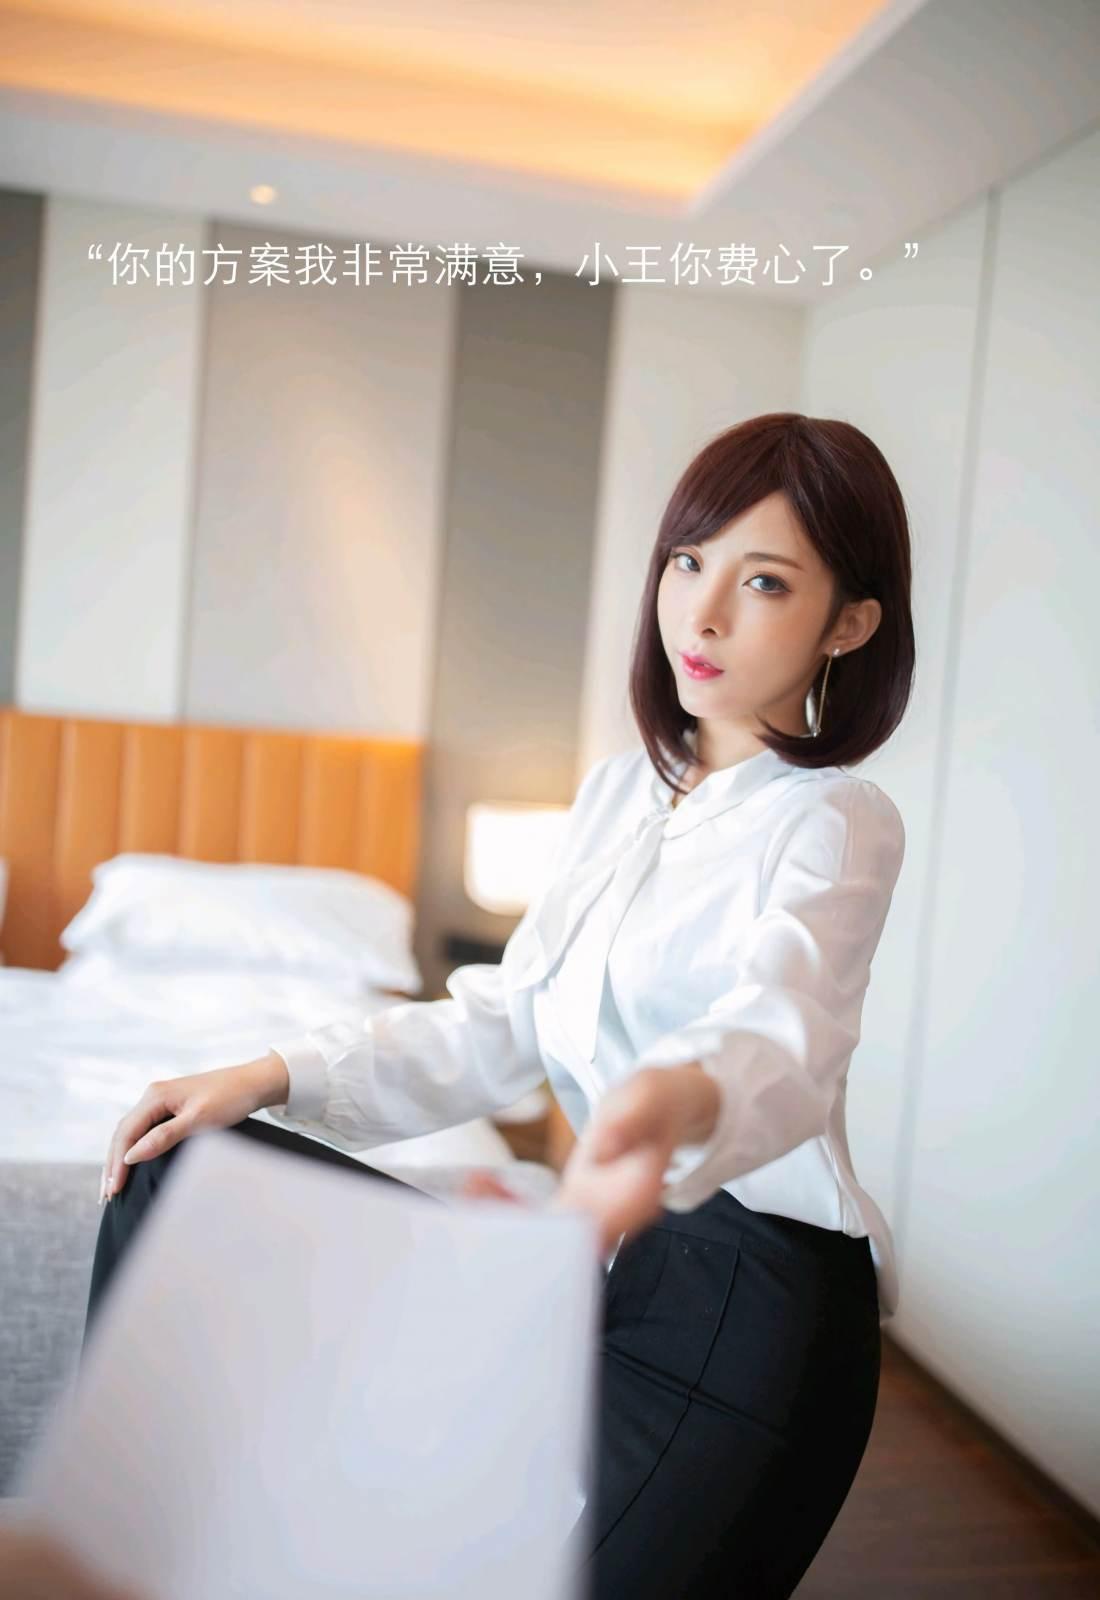 第169期公司女老板查岗陈小喵(高跟,丝袜)_图片2